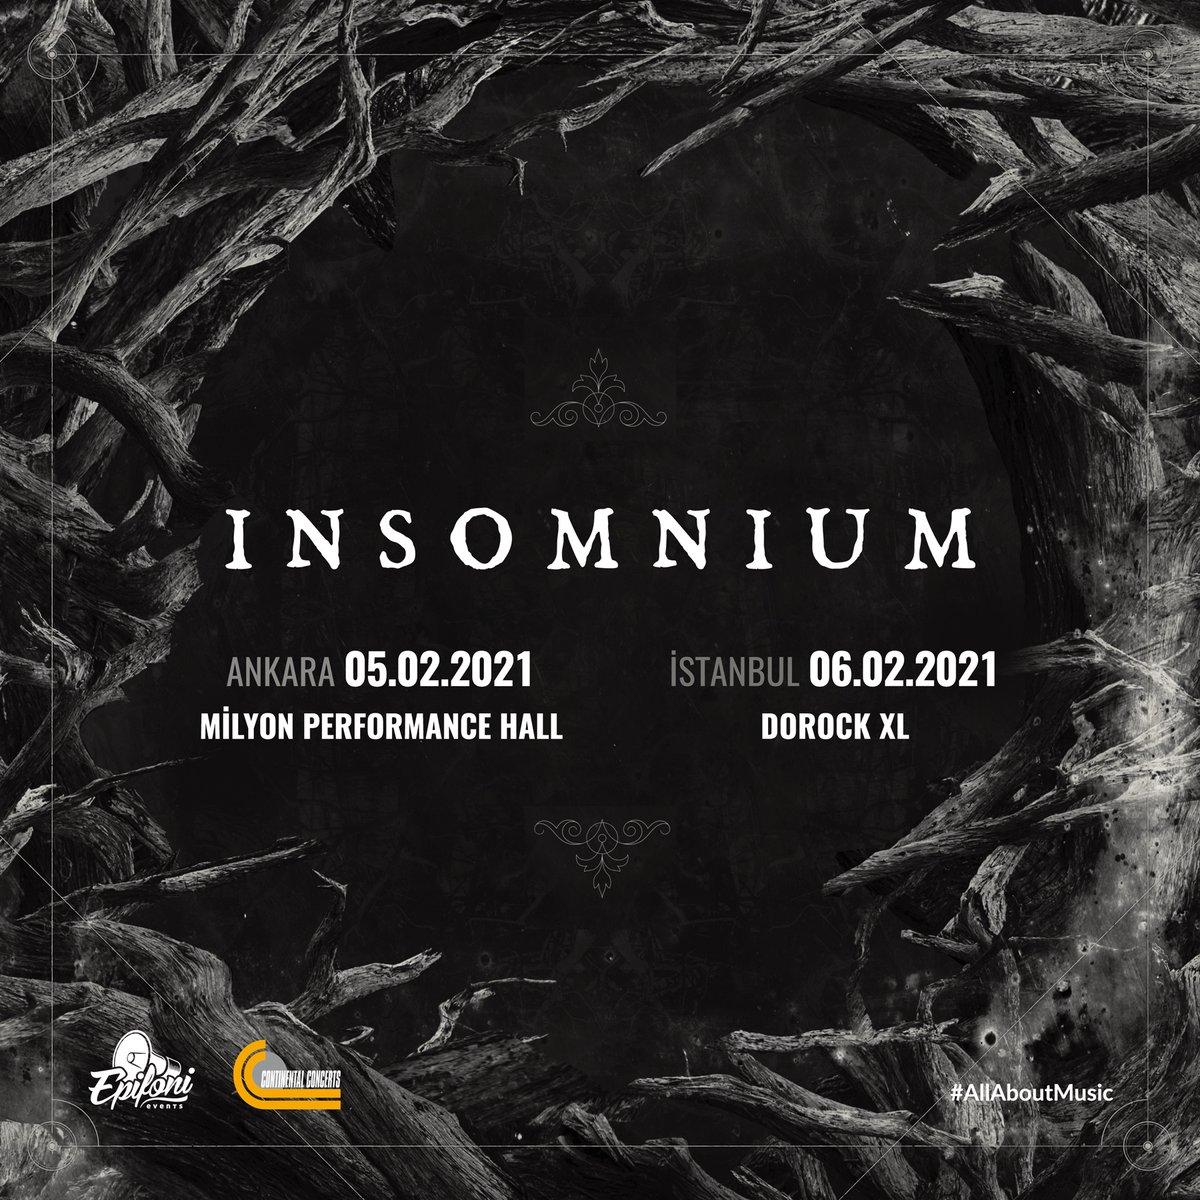 Fin melodik death metal grubu Insomnium ilk kez Türkiye'de!  Insomnium, 6 Şubat'ta Dorock XL sahnesinde! Biletler yakında Biletix ve Dorock XL gişelerinde.  #DorockXL #DorockXLKadıköy #Dorock #Insomnium https://t.co/FuEaMr1AFI